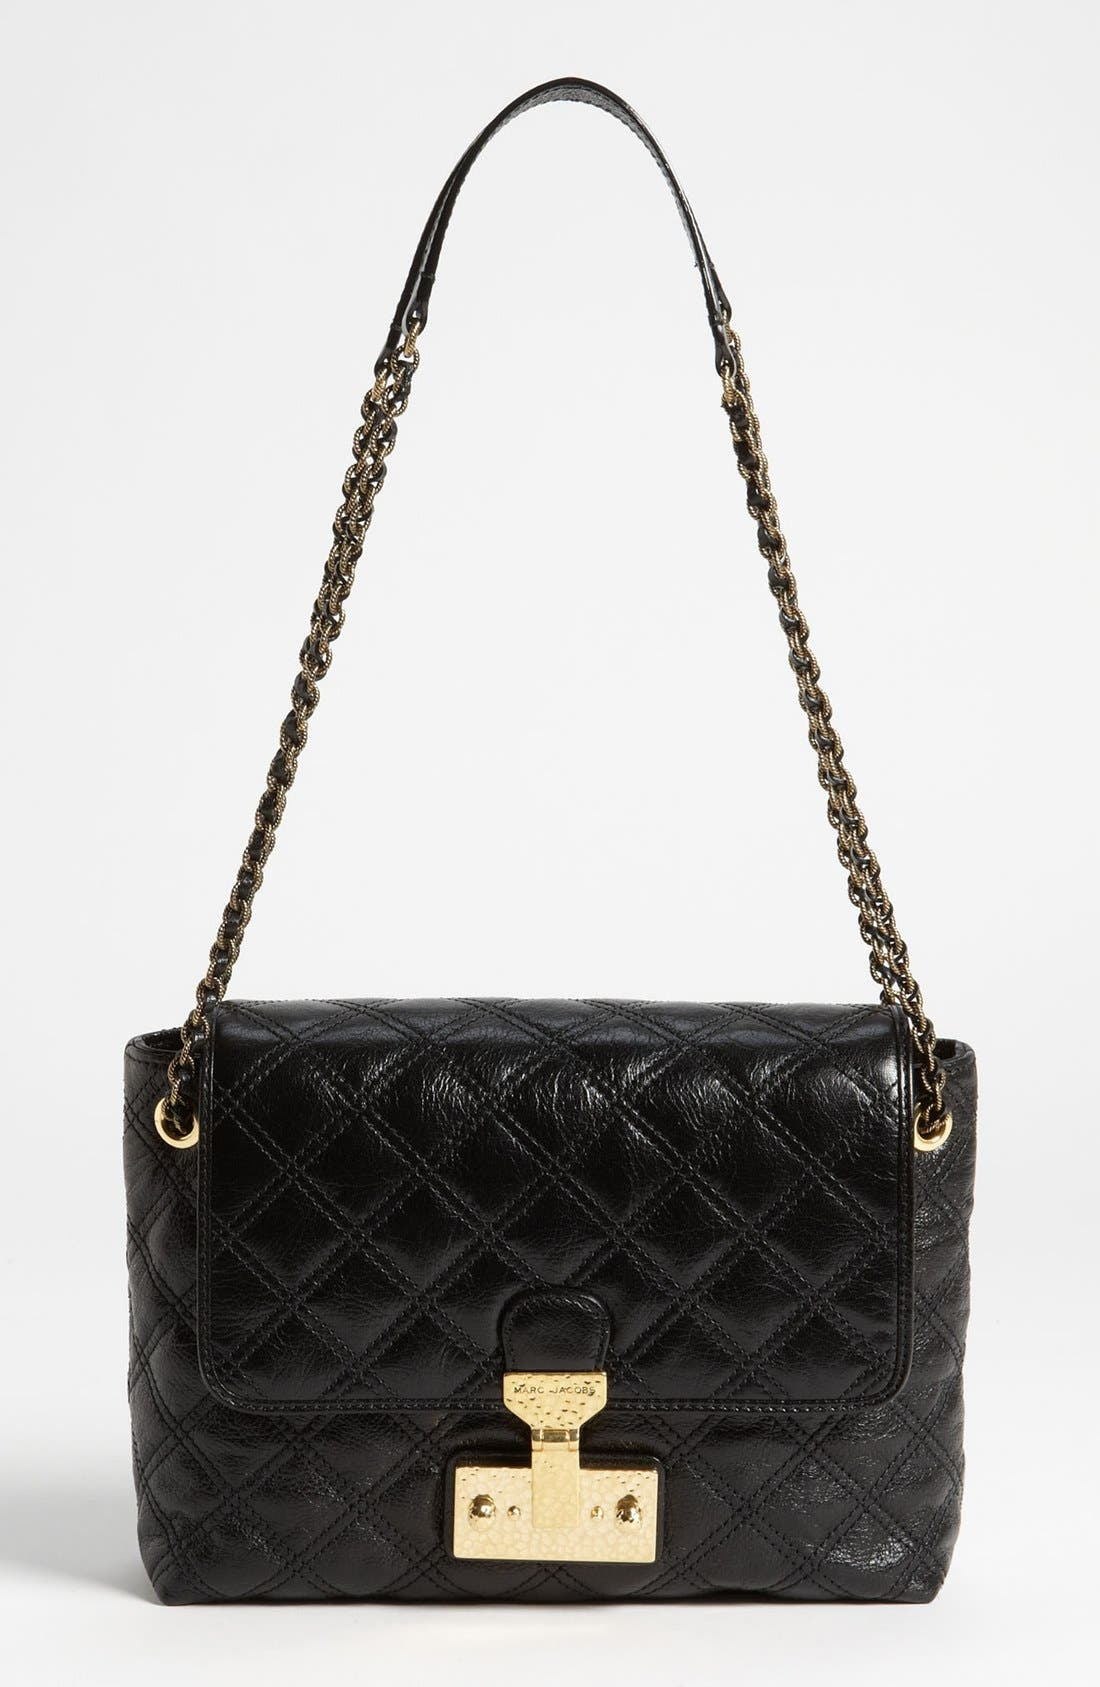 Main Image - MARC JACOBS 'Large Baroque Single' Leather Shoulder Bag